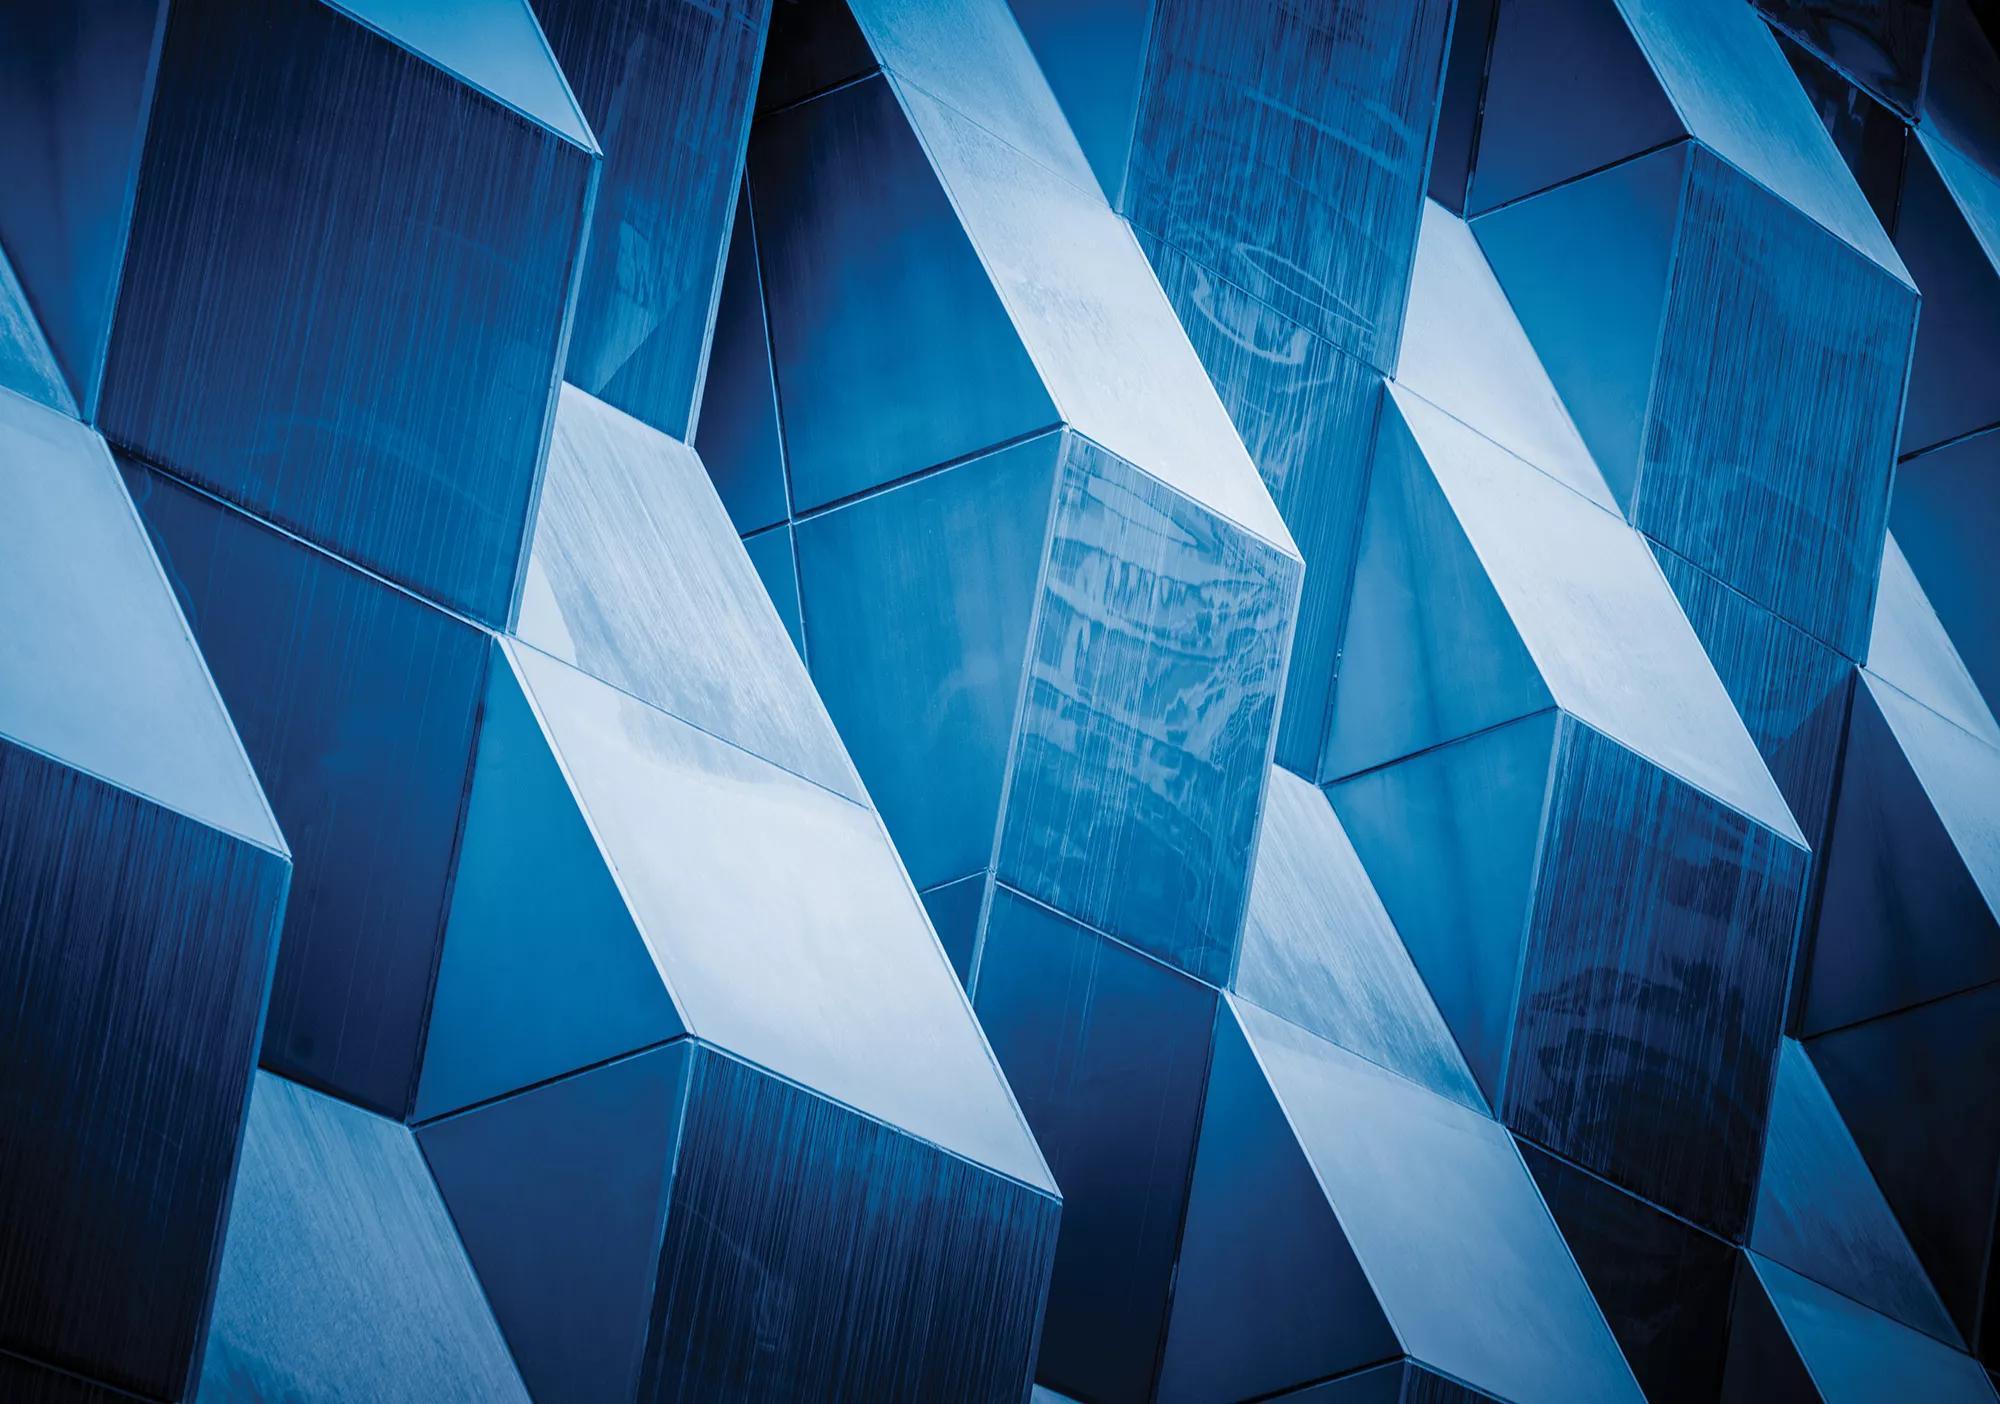 Fali poszter modern épület mintával kék színben